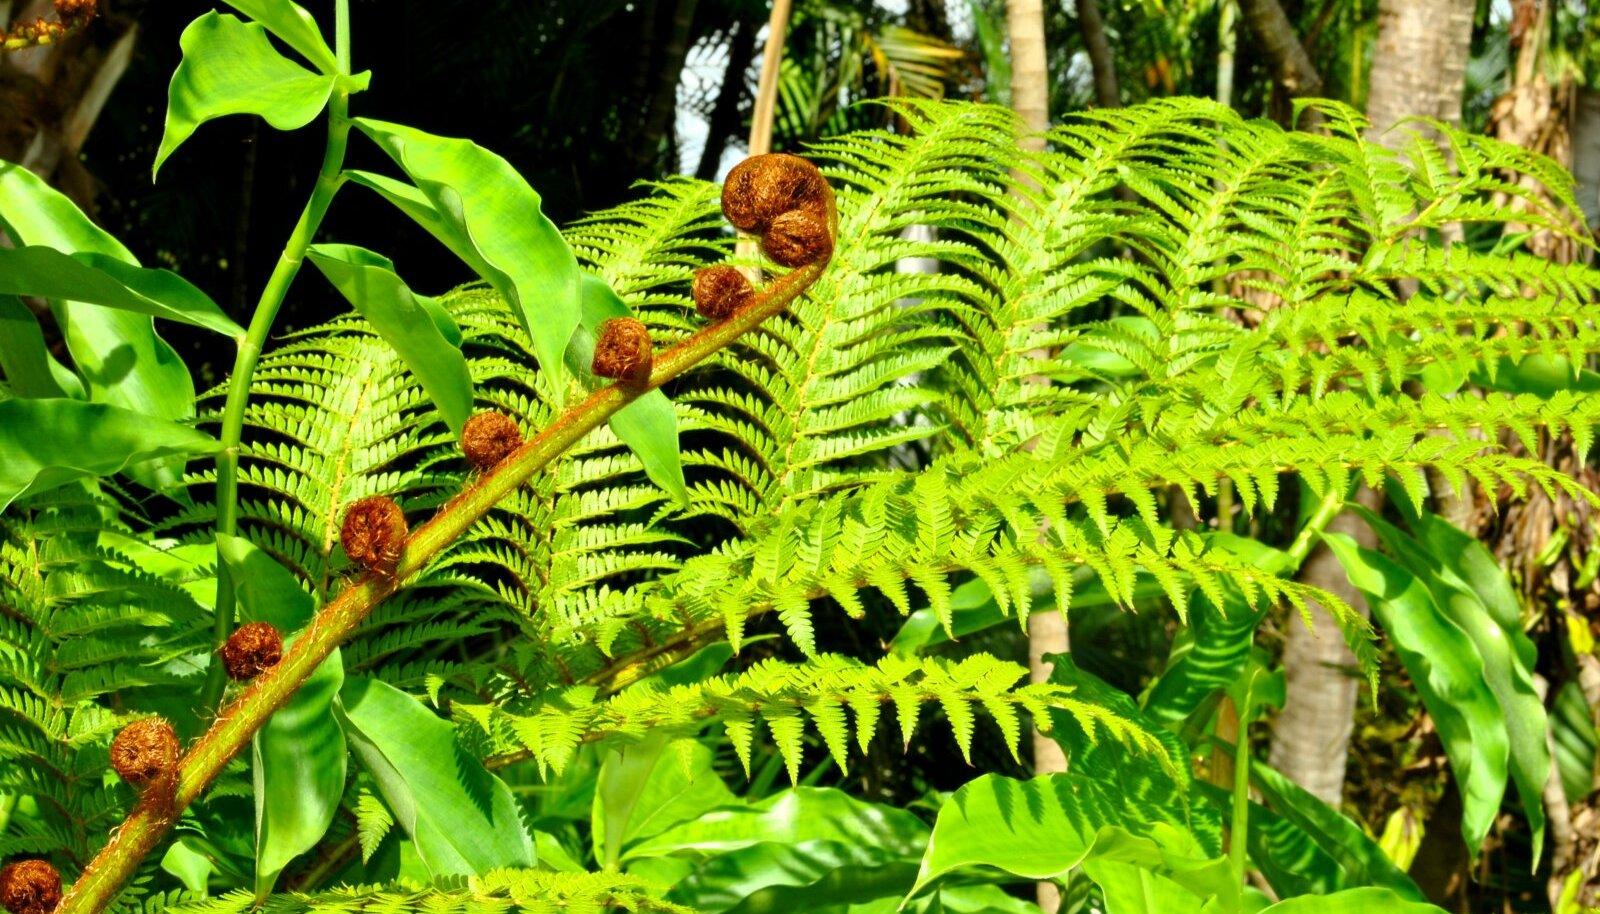 Jaapani astelsõnajalg (P. polyblepharum)